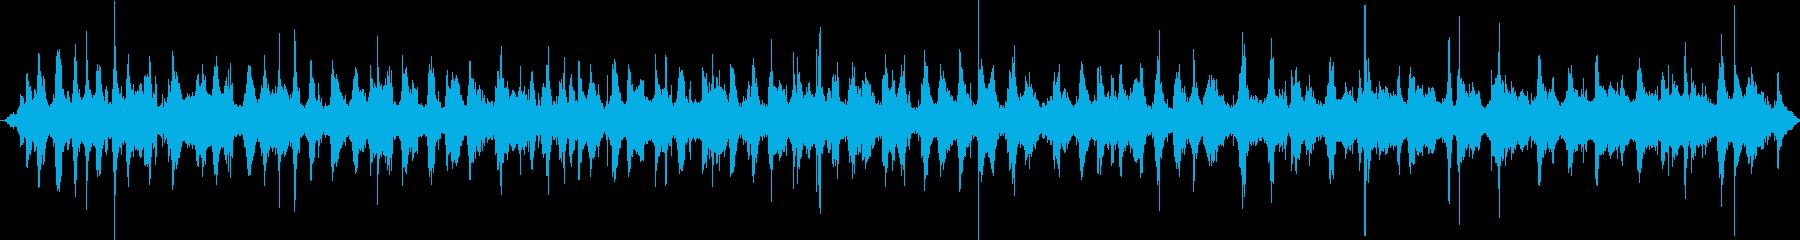 オーシャンフィッシングボート:V9...の再生済みの波形